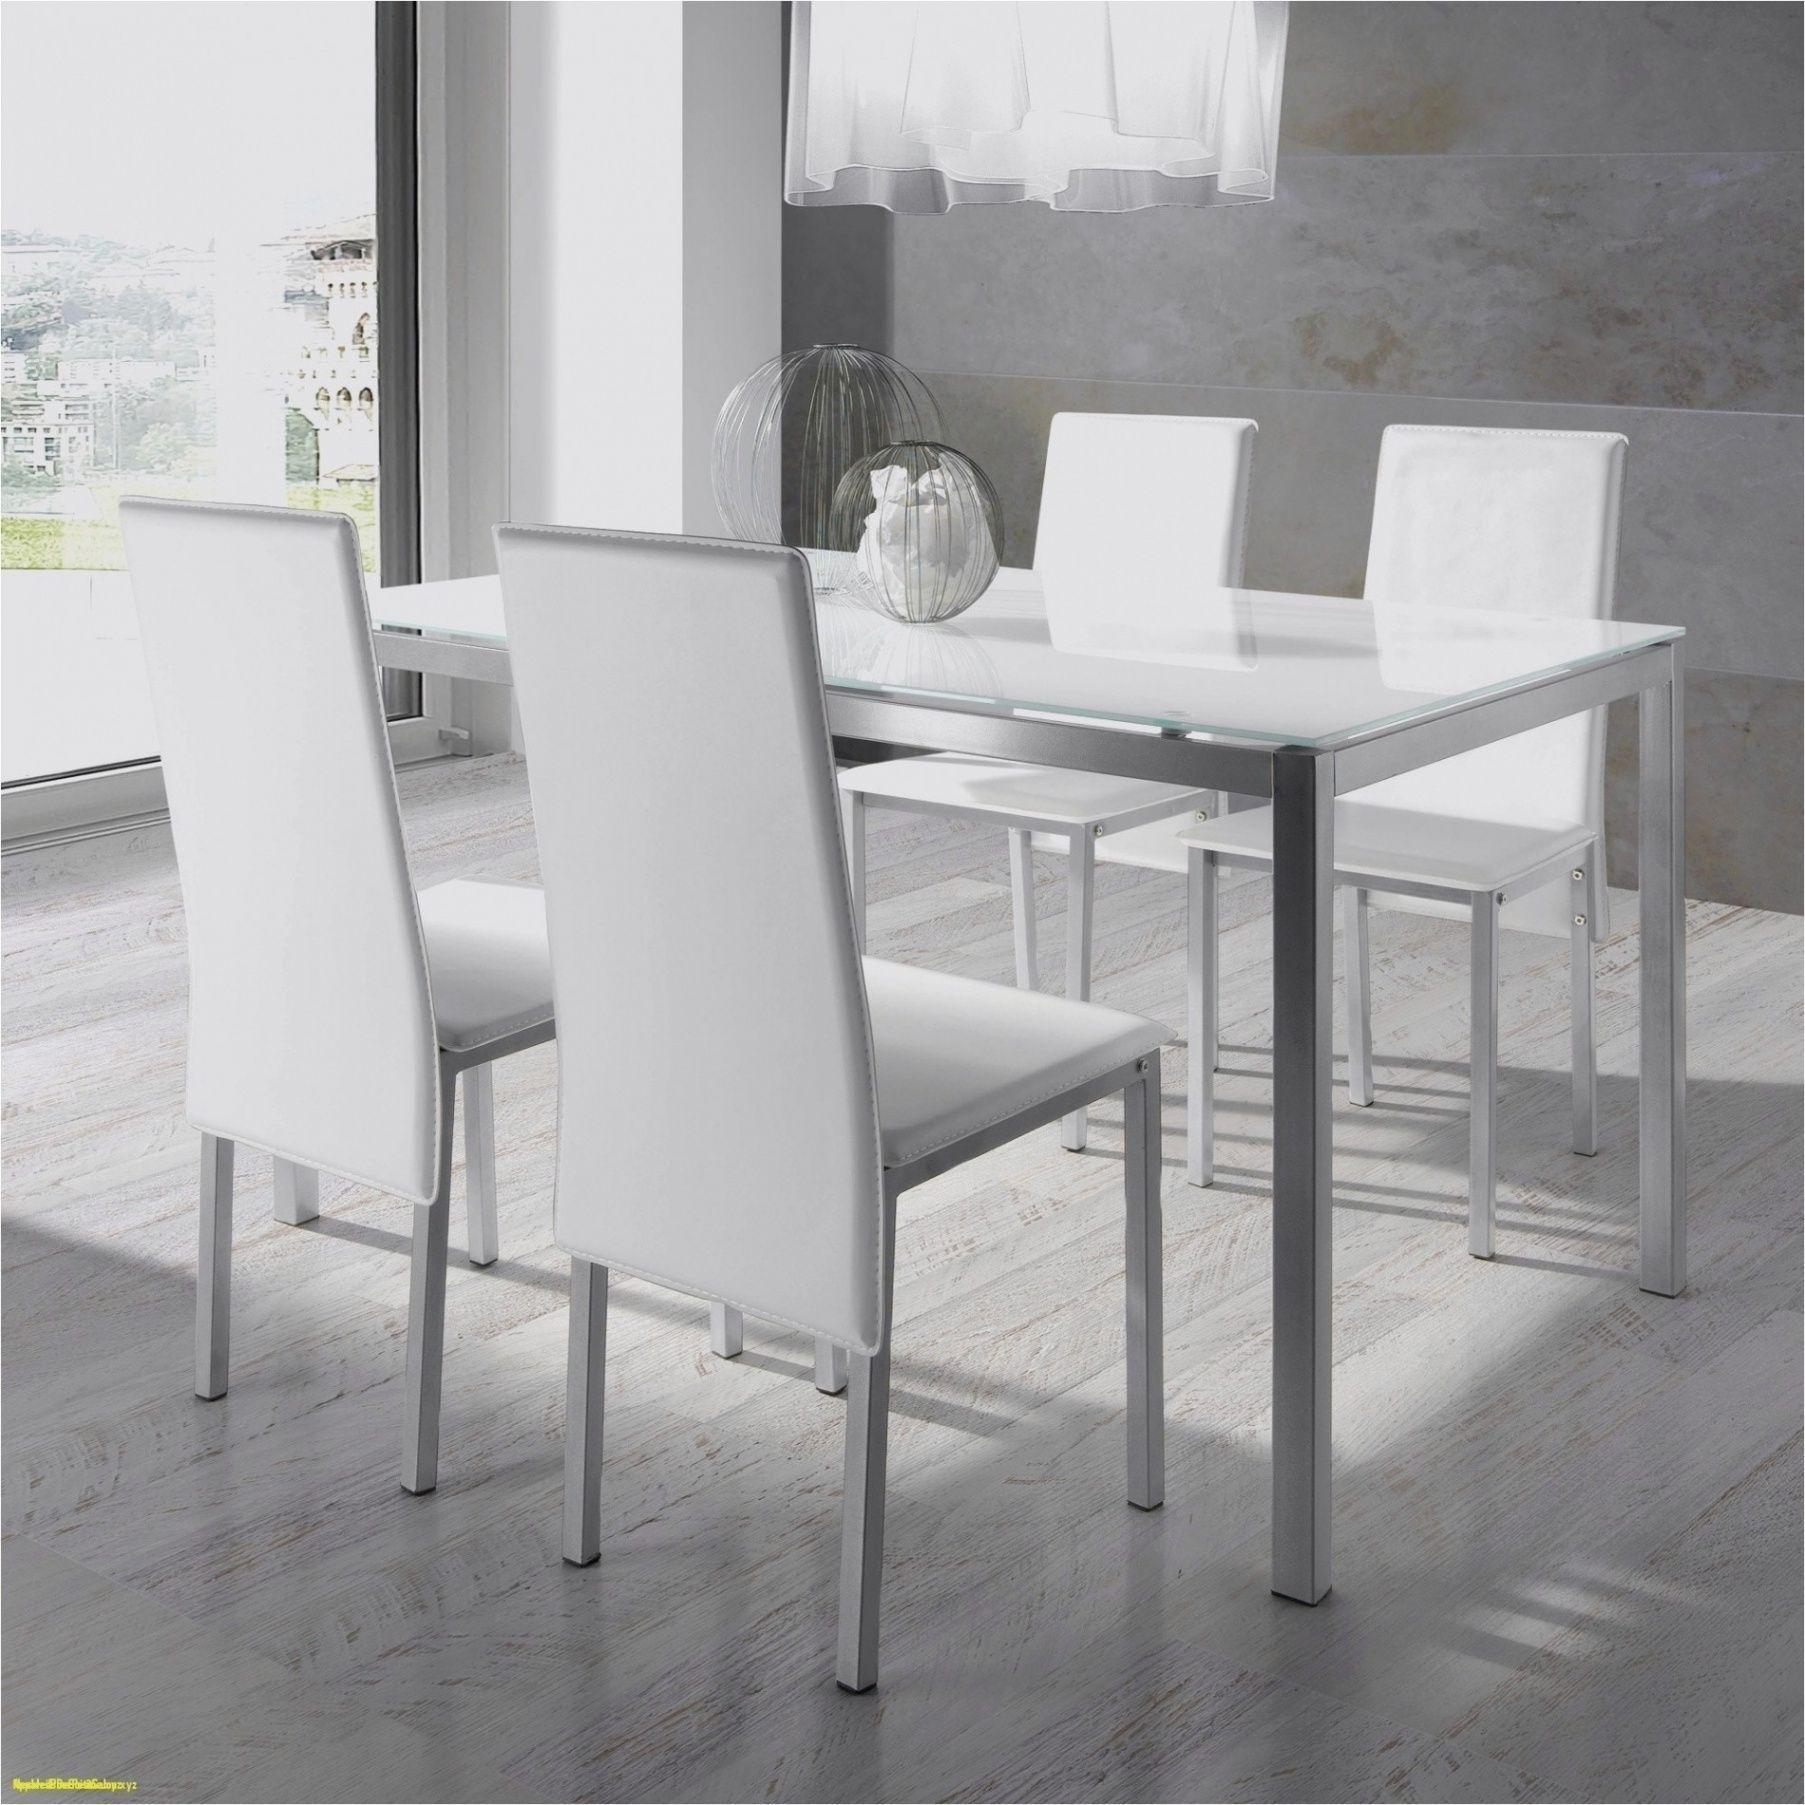 Image de Design Intérieur Et Extérieur Table Salle A Manger ...